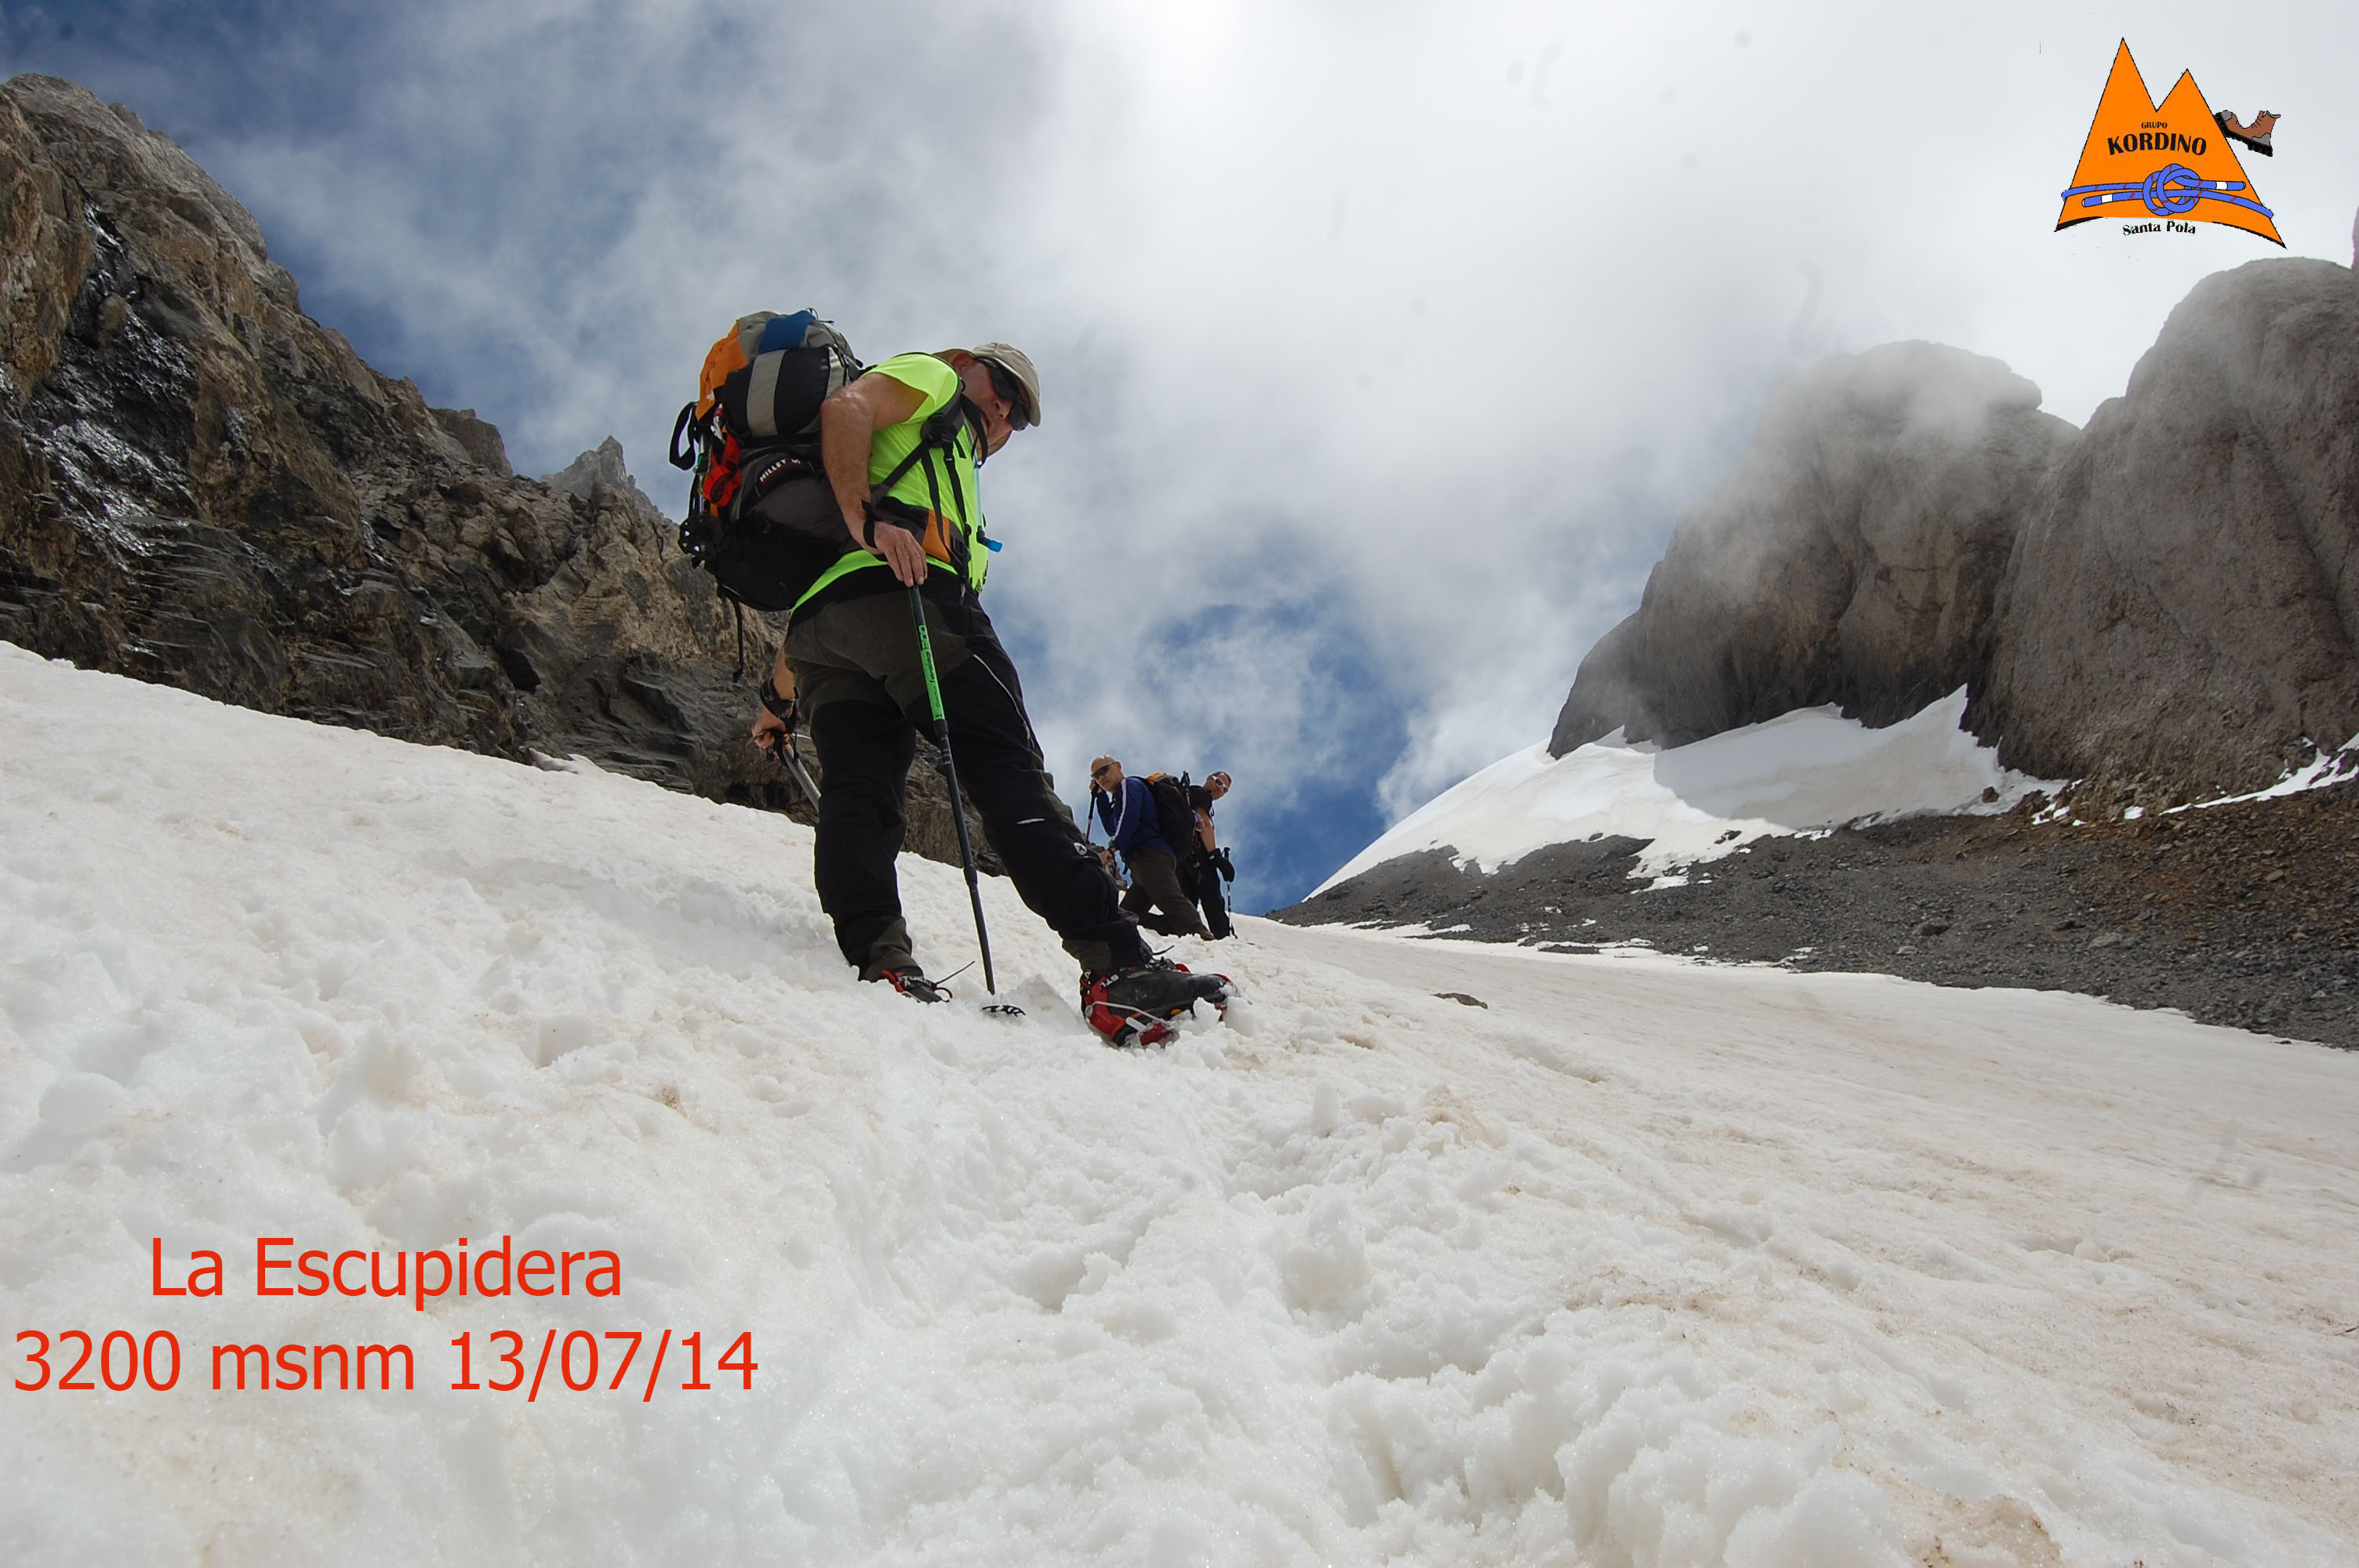 La Escupidera 3200 msnm copia